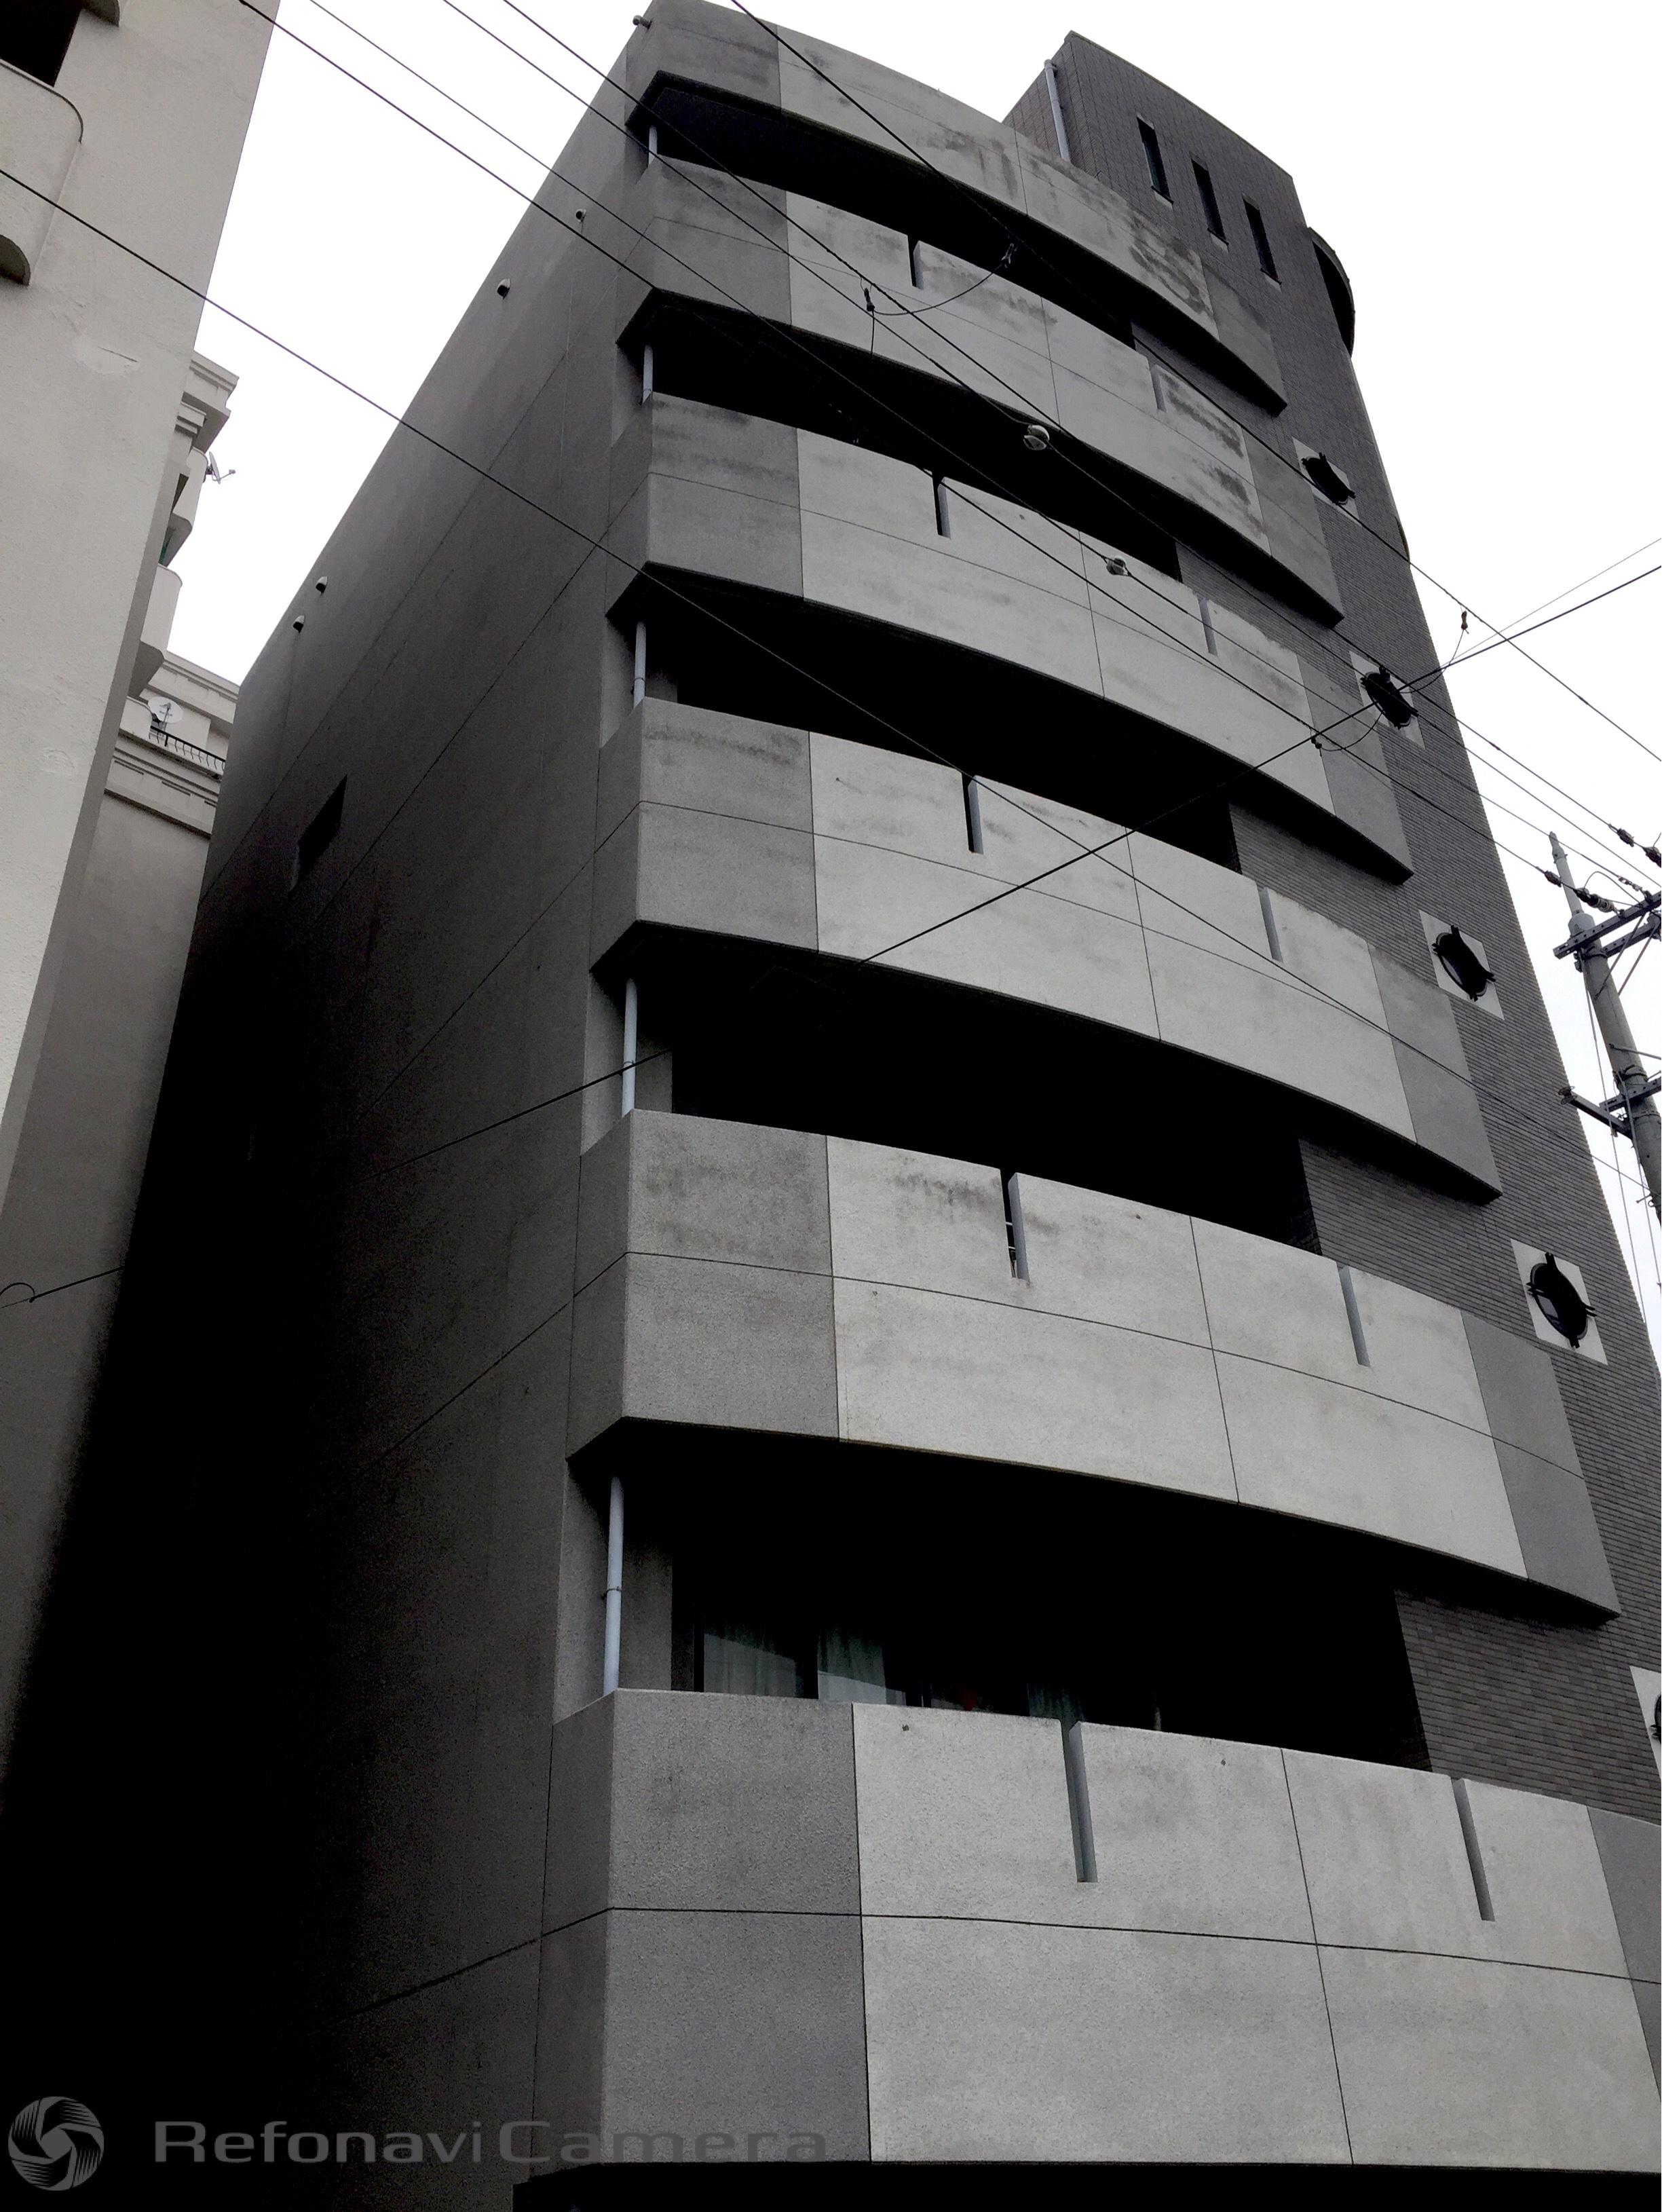 大阪市 大規模修繕外壁塗装工事